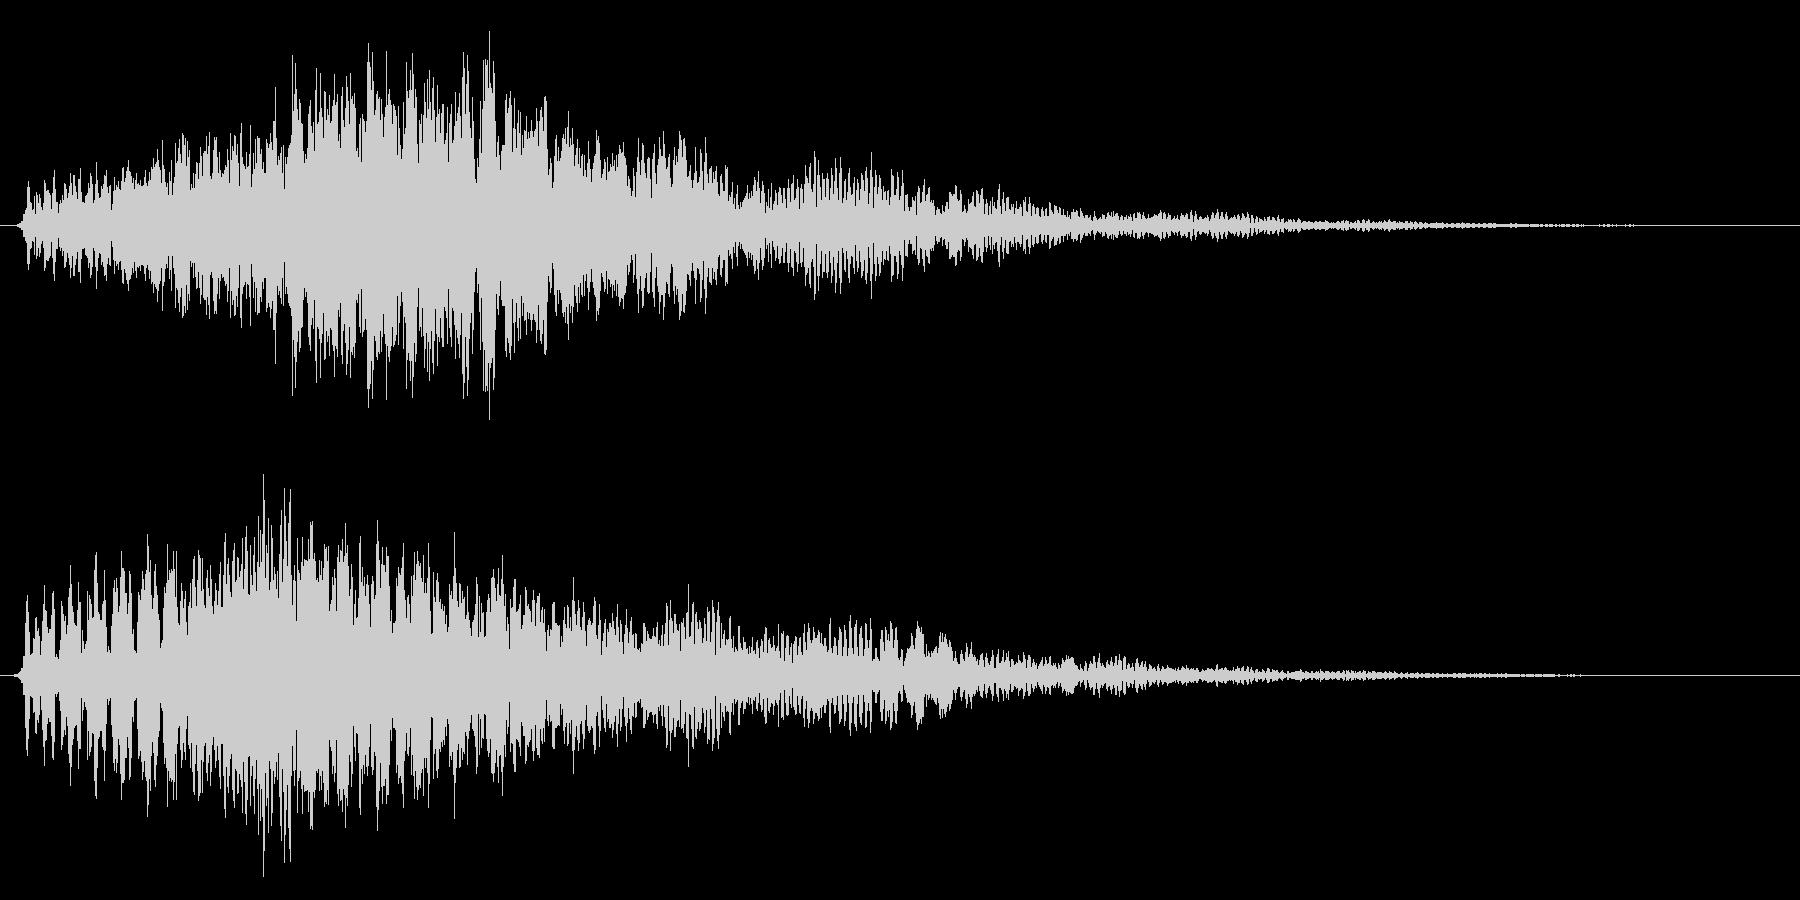 魔法/ワープ/ファンタジー系の未再生の波形